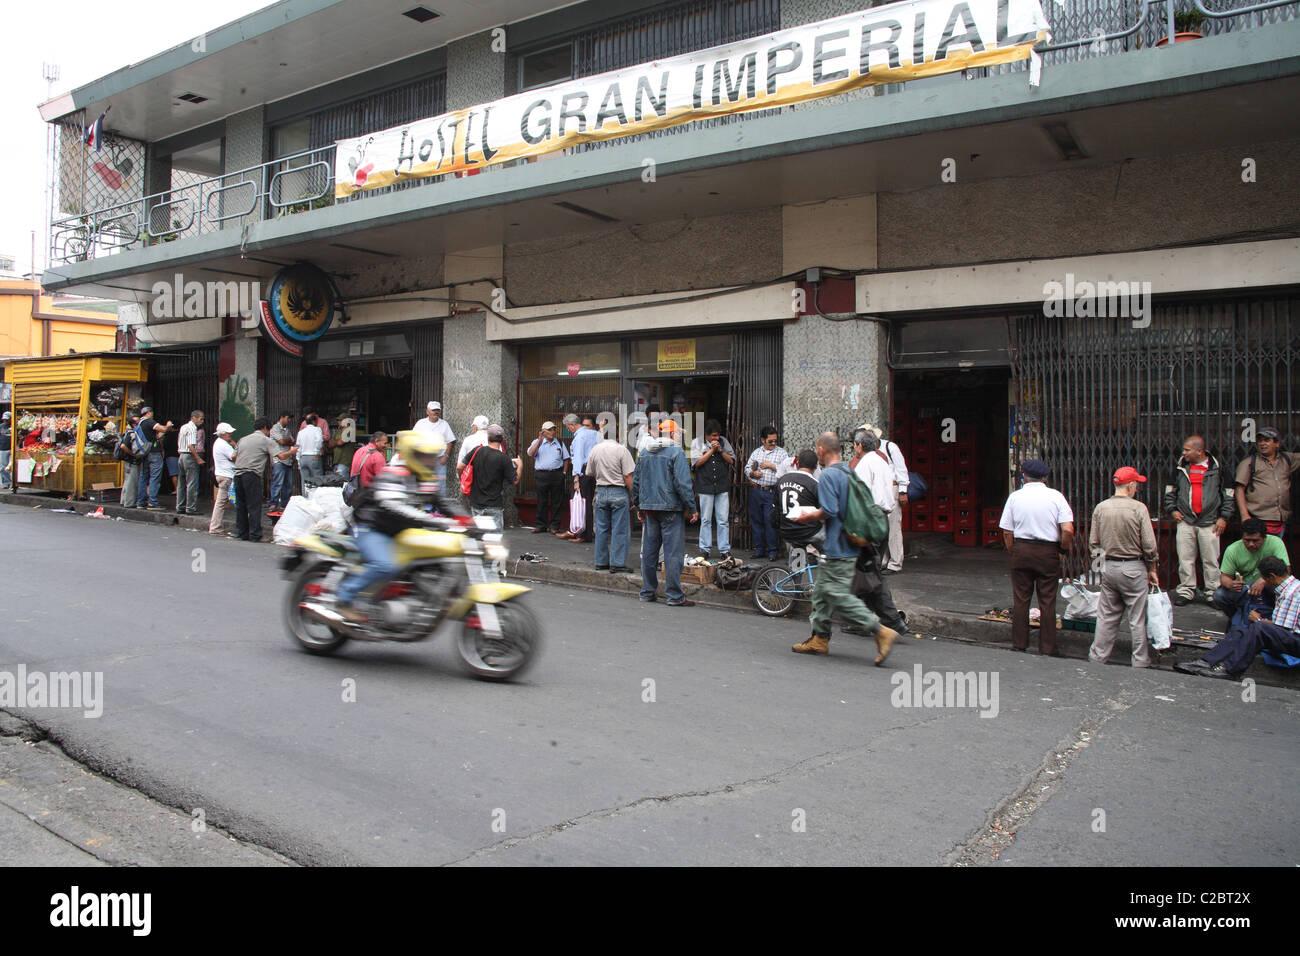 Costa Rica gli uomini in attesa di un lavoro su una strada a San Jose. Immagini Stock